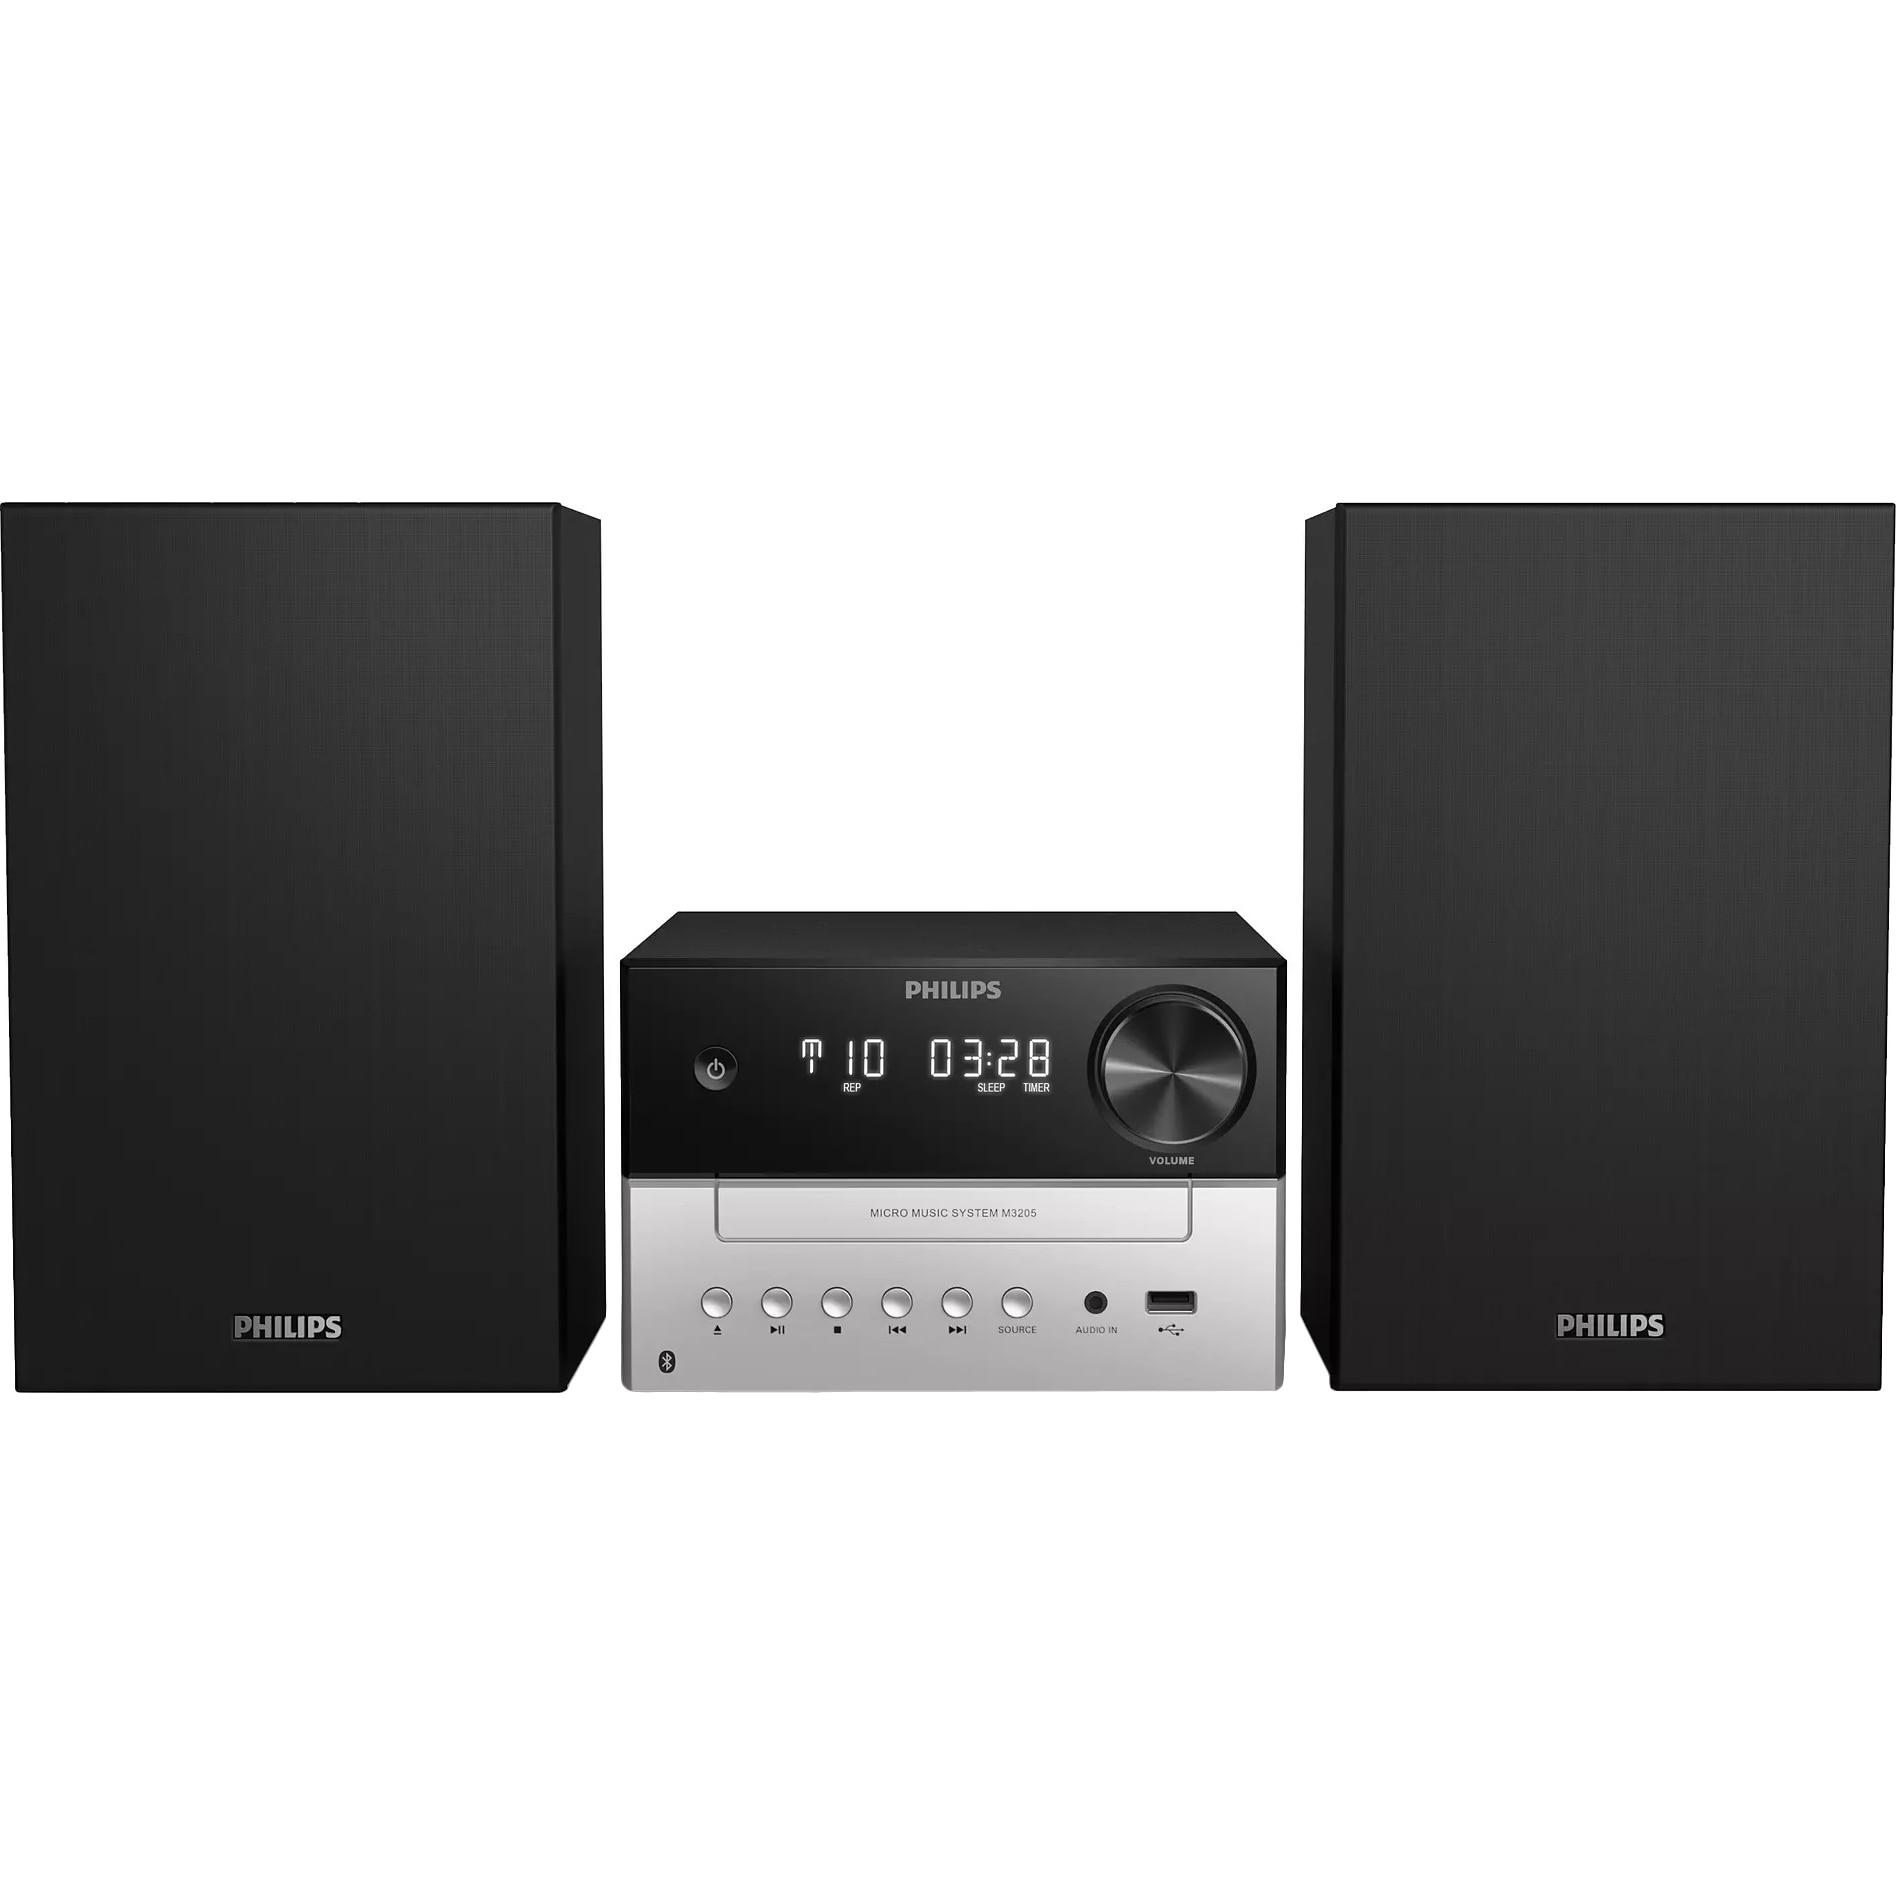 Fotografie Microsistem Philips TAM3205/12 CD, 18 W, MP3-CD, FM, USB,